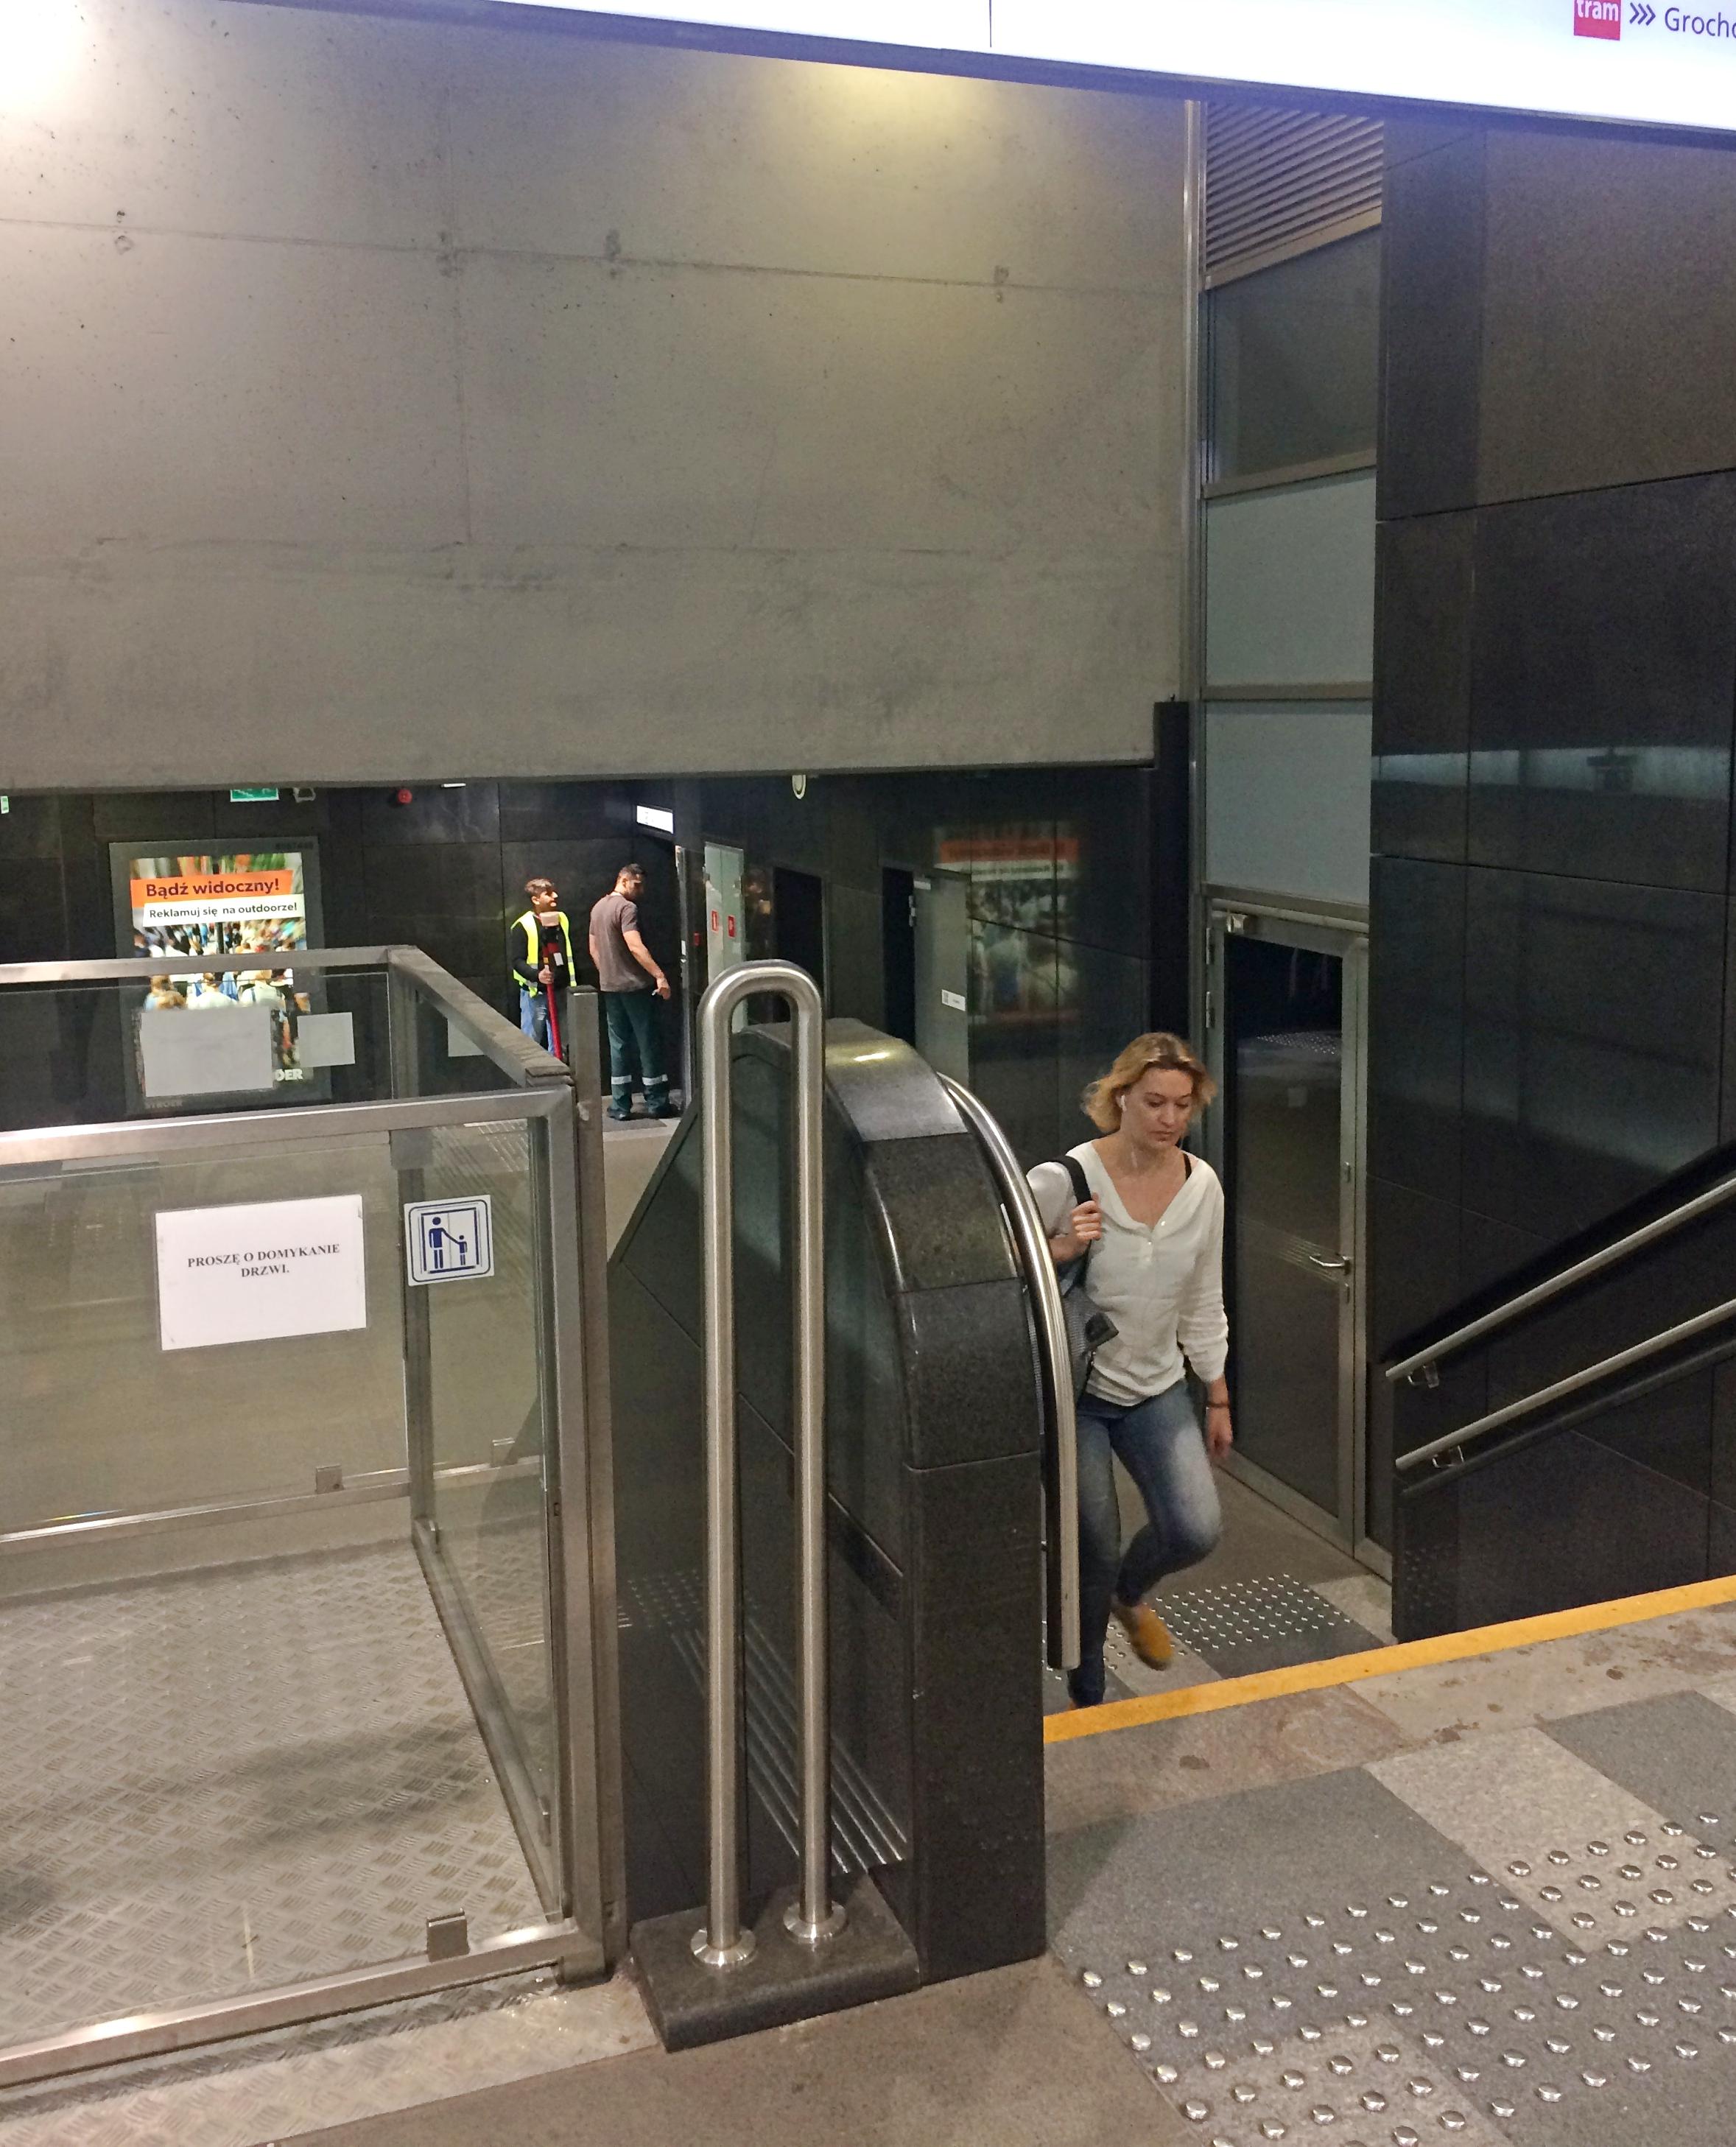 mała winda na stacji prowadząca do windy